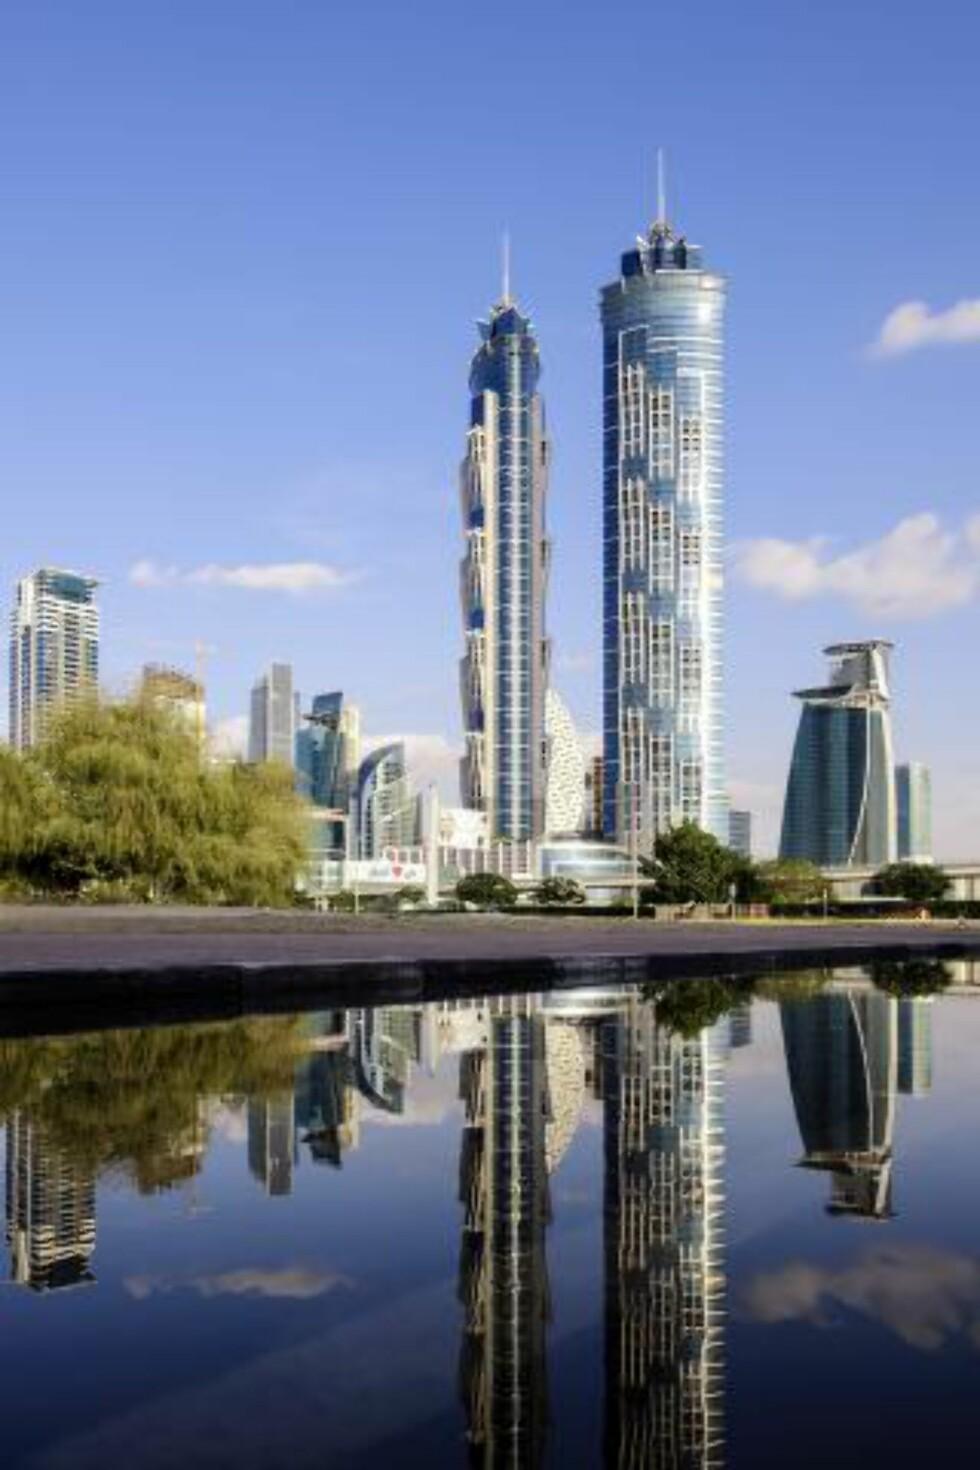 VERDENS HØYESTE: The JW Marriott Marquis Hotel Dubai, i Dubai, har guinnessrekorden i å være verdens høyeste hotell med sine 355 meter. Foto: AXEL SCHMIES / CORBIS / NTB SCANPIX